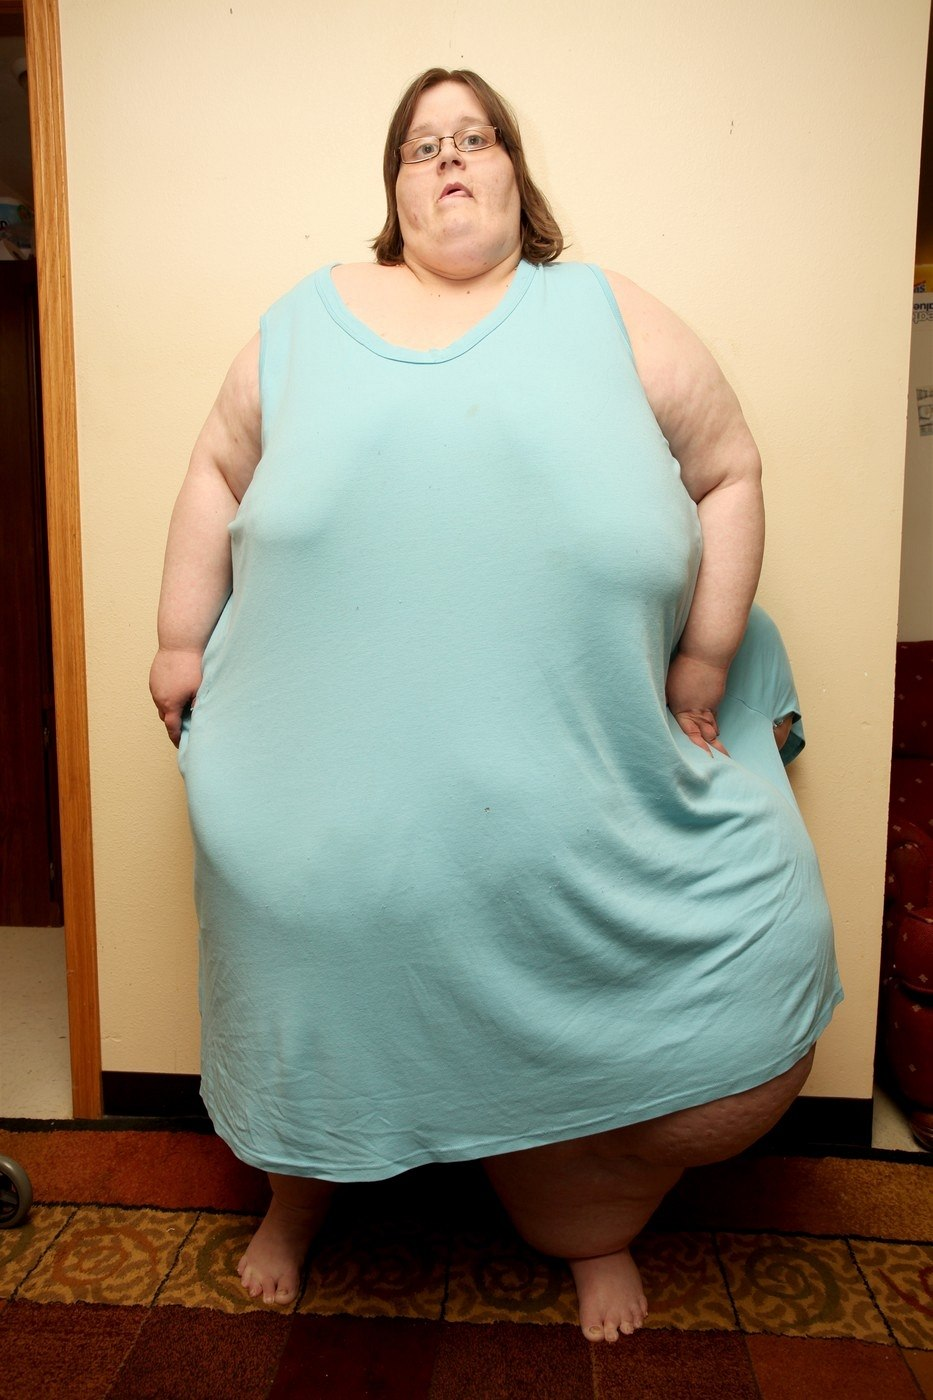 Самая жирная девочка фото 26 фотография